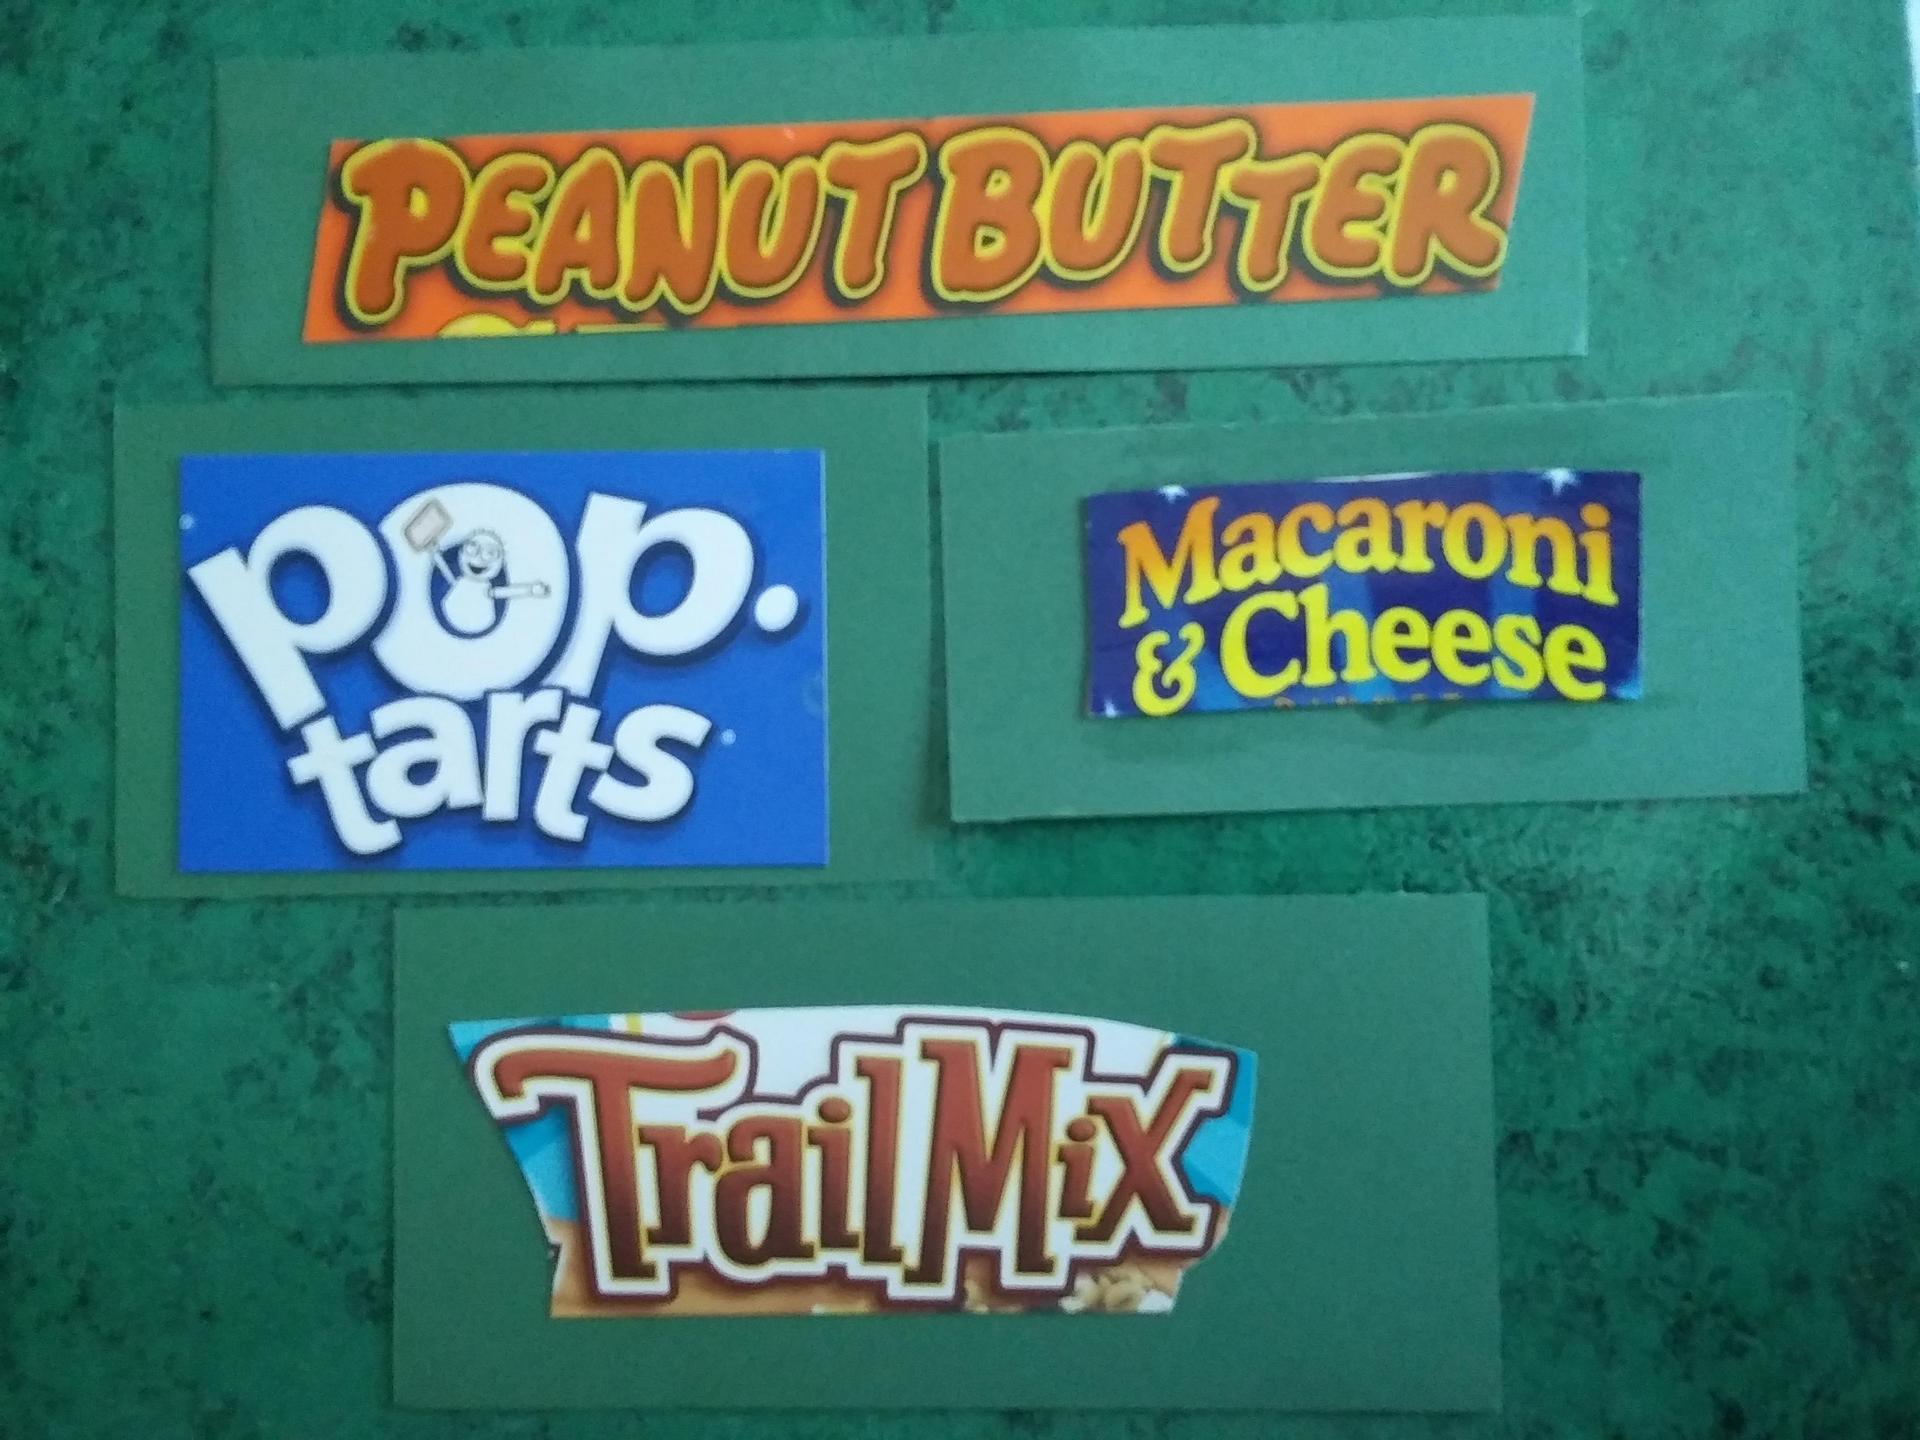 Food package names